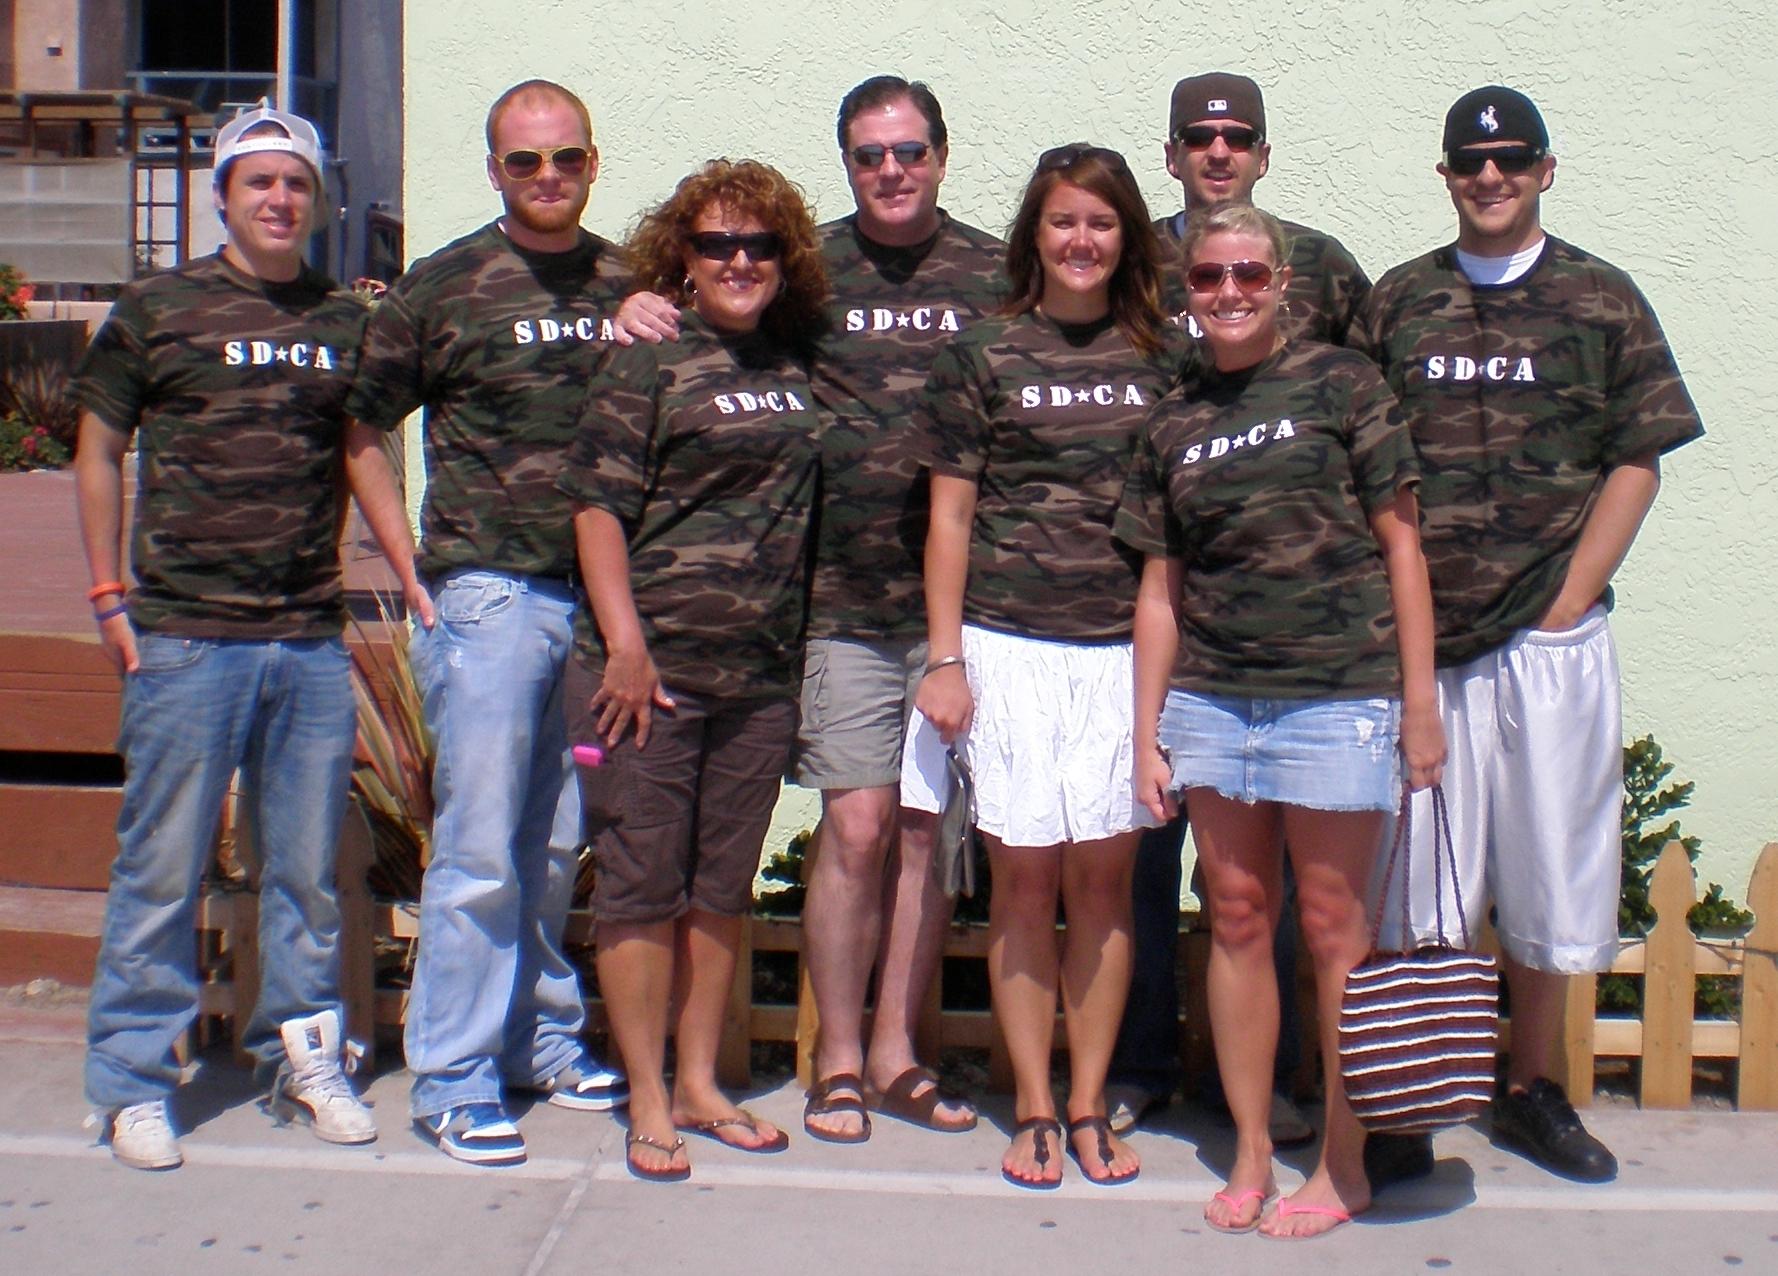 Shirt design san diego - Memorial Day 2009 Nuff Said T Shirt Photo